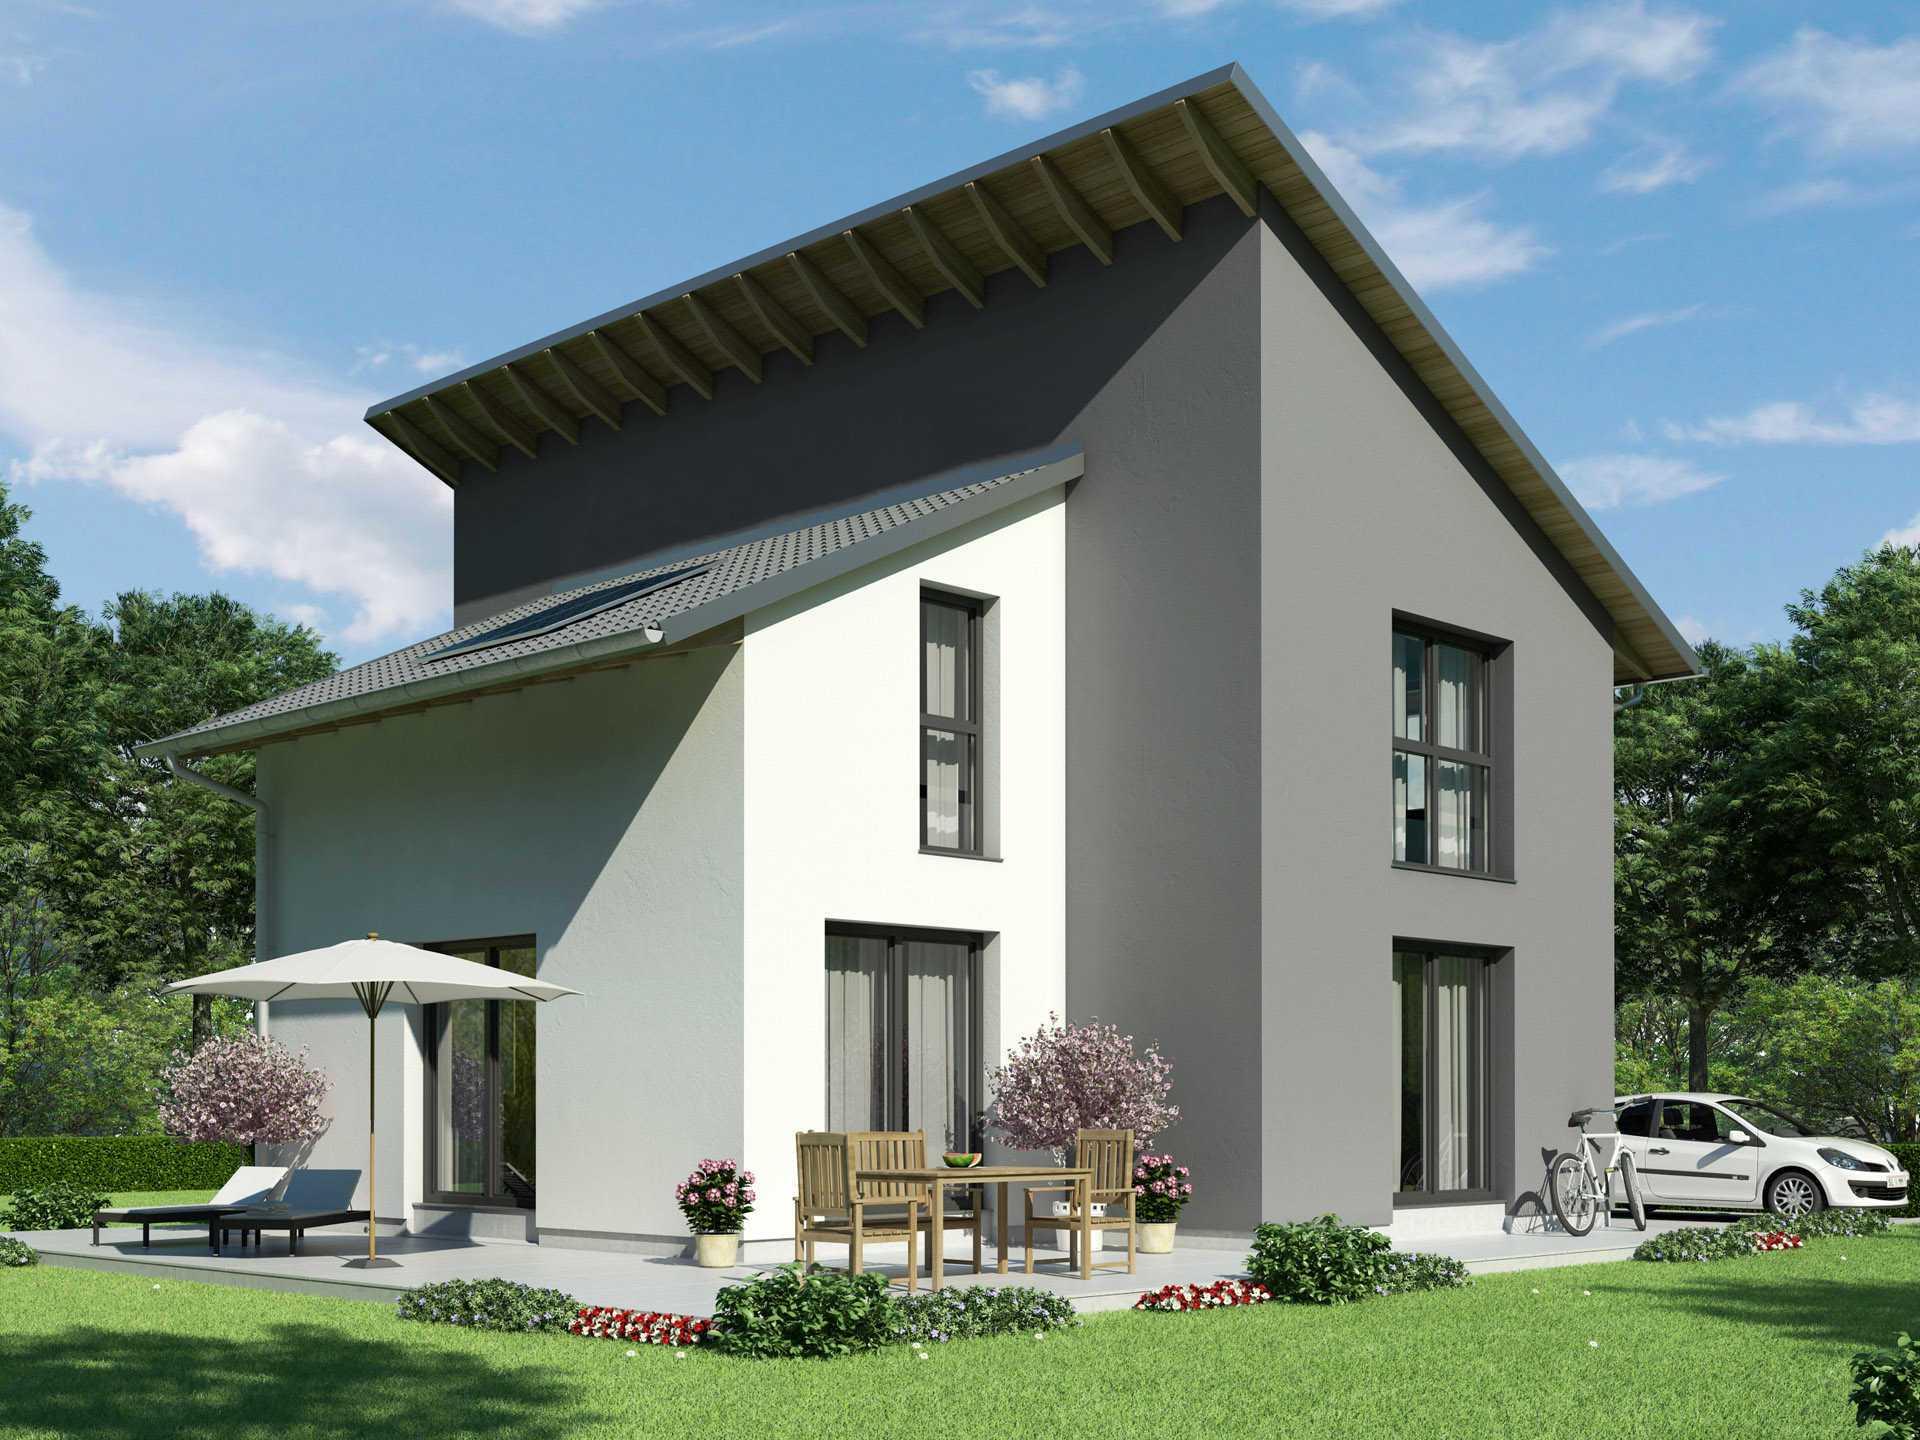 Pultdachhaus Ambiente von Hense Hausbau